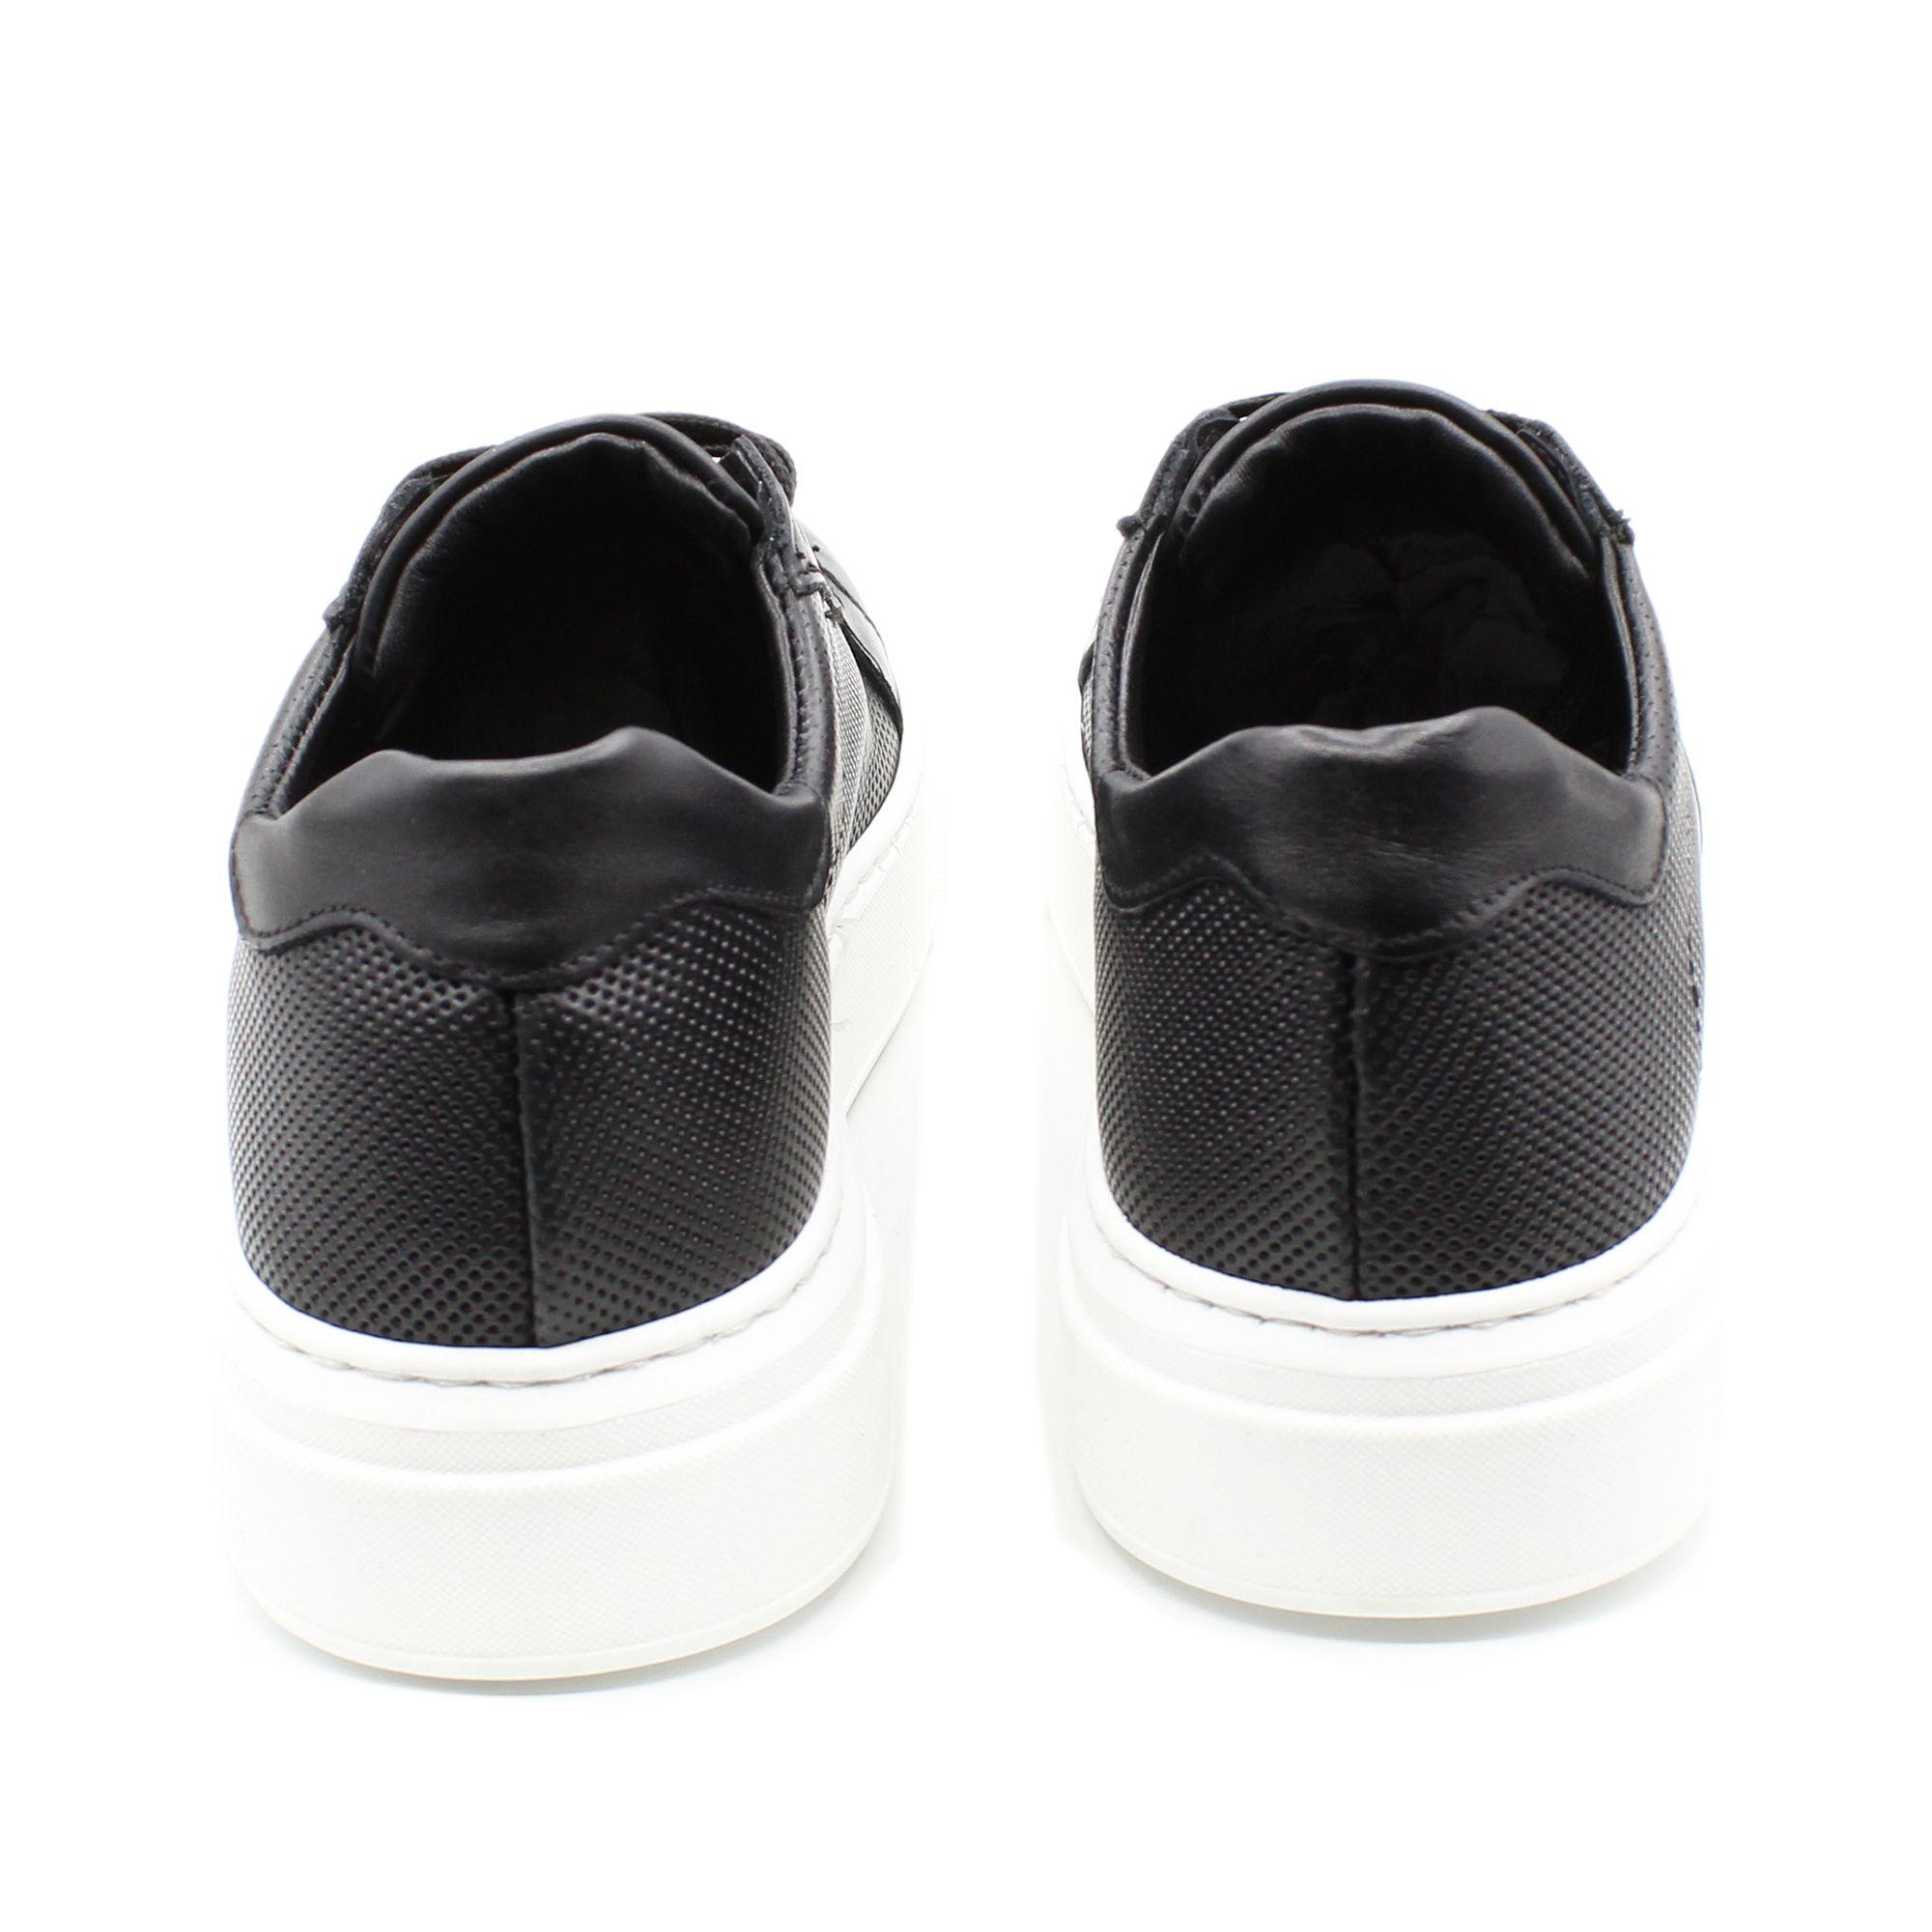 miniatura 10 - Sneakers-Uomo-in-Pelle-Basse-Nere-Blu-Scarpe-da-Ginnastica-Sportive-Eleganti